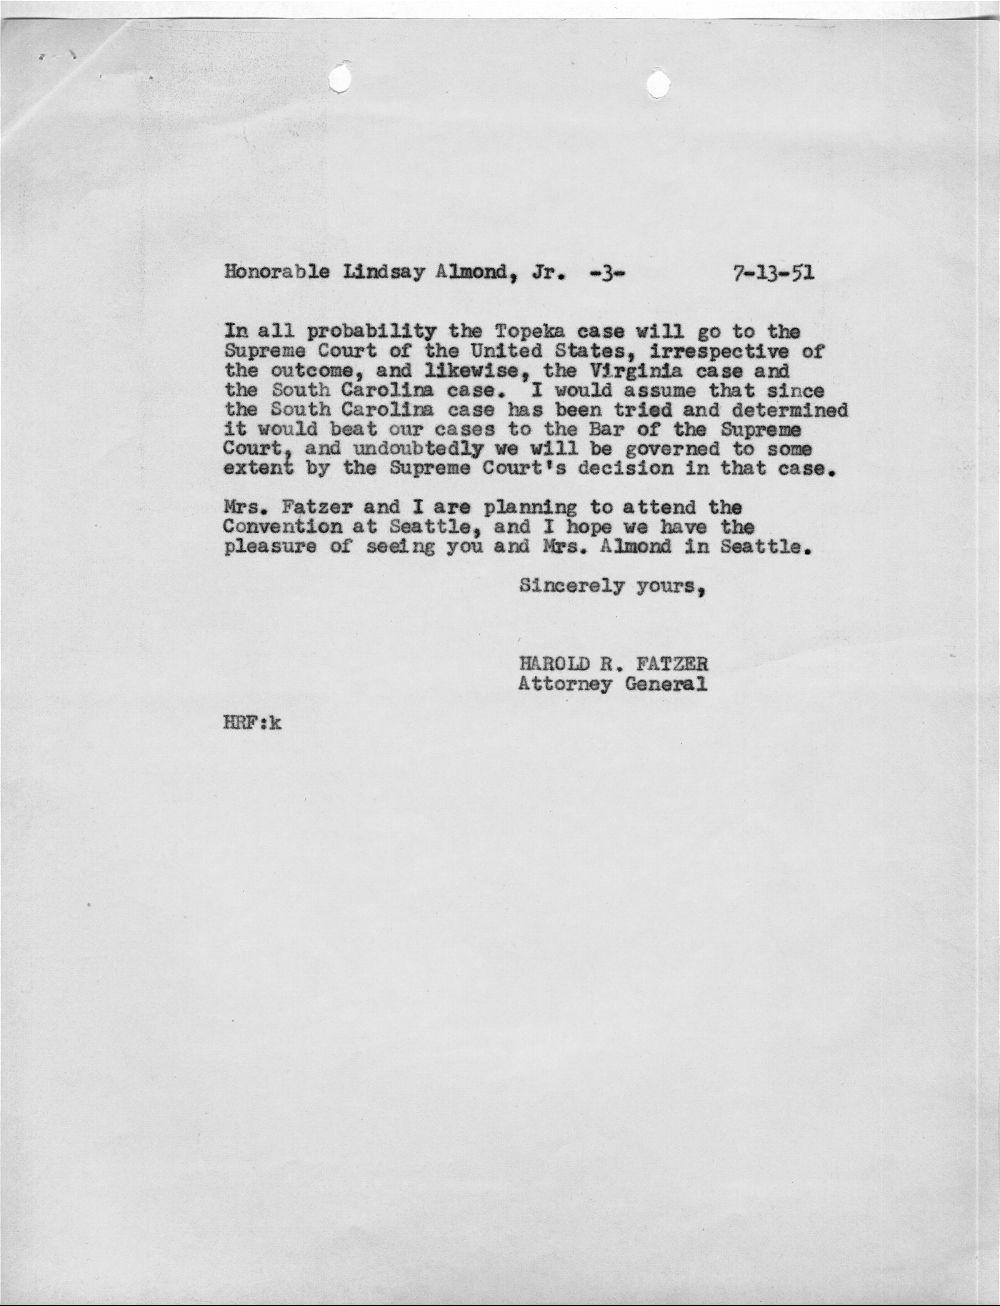 Harold R. Fatzer to J. Lindsay Almond Jr. - 3